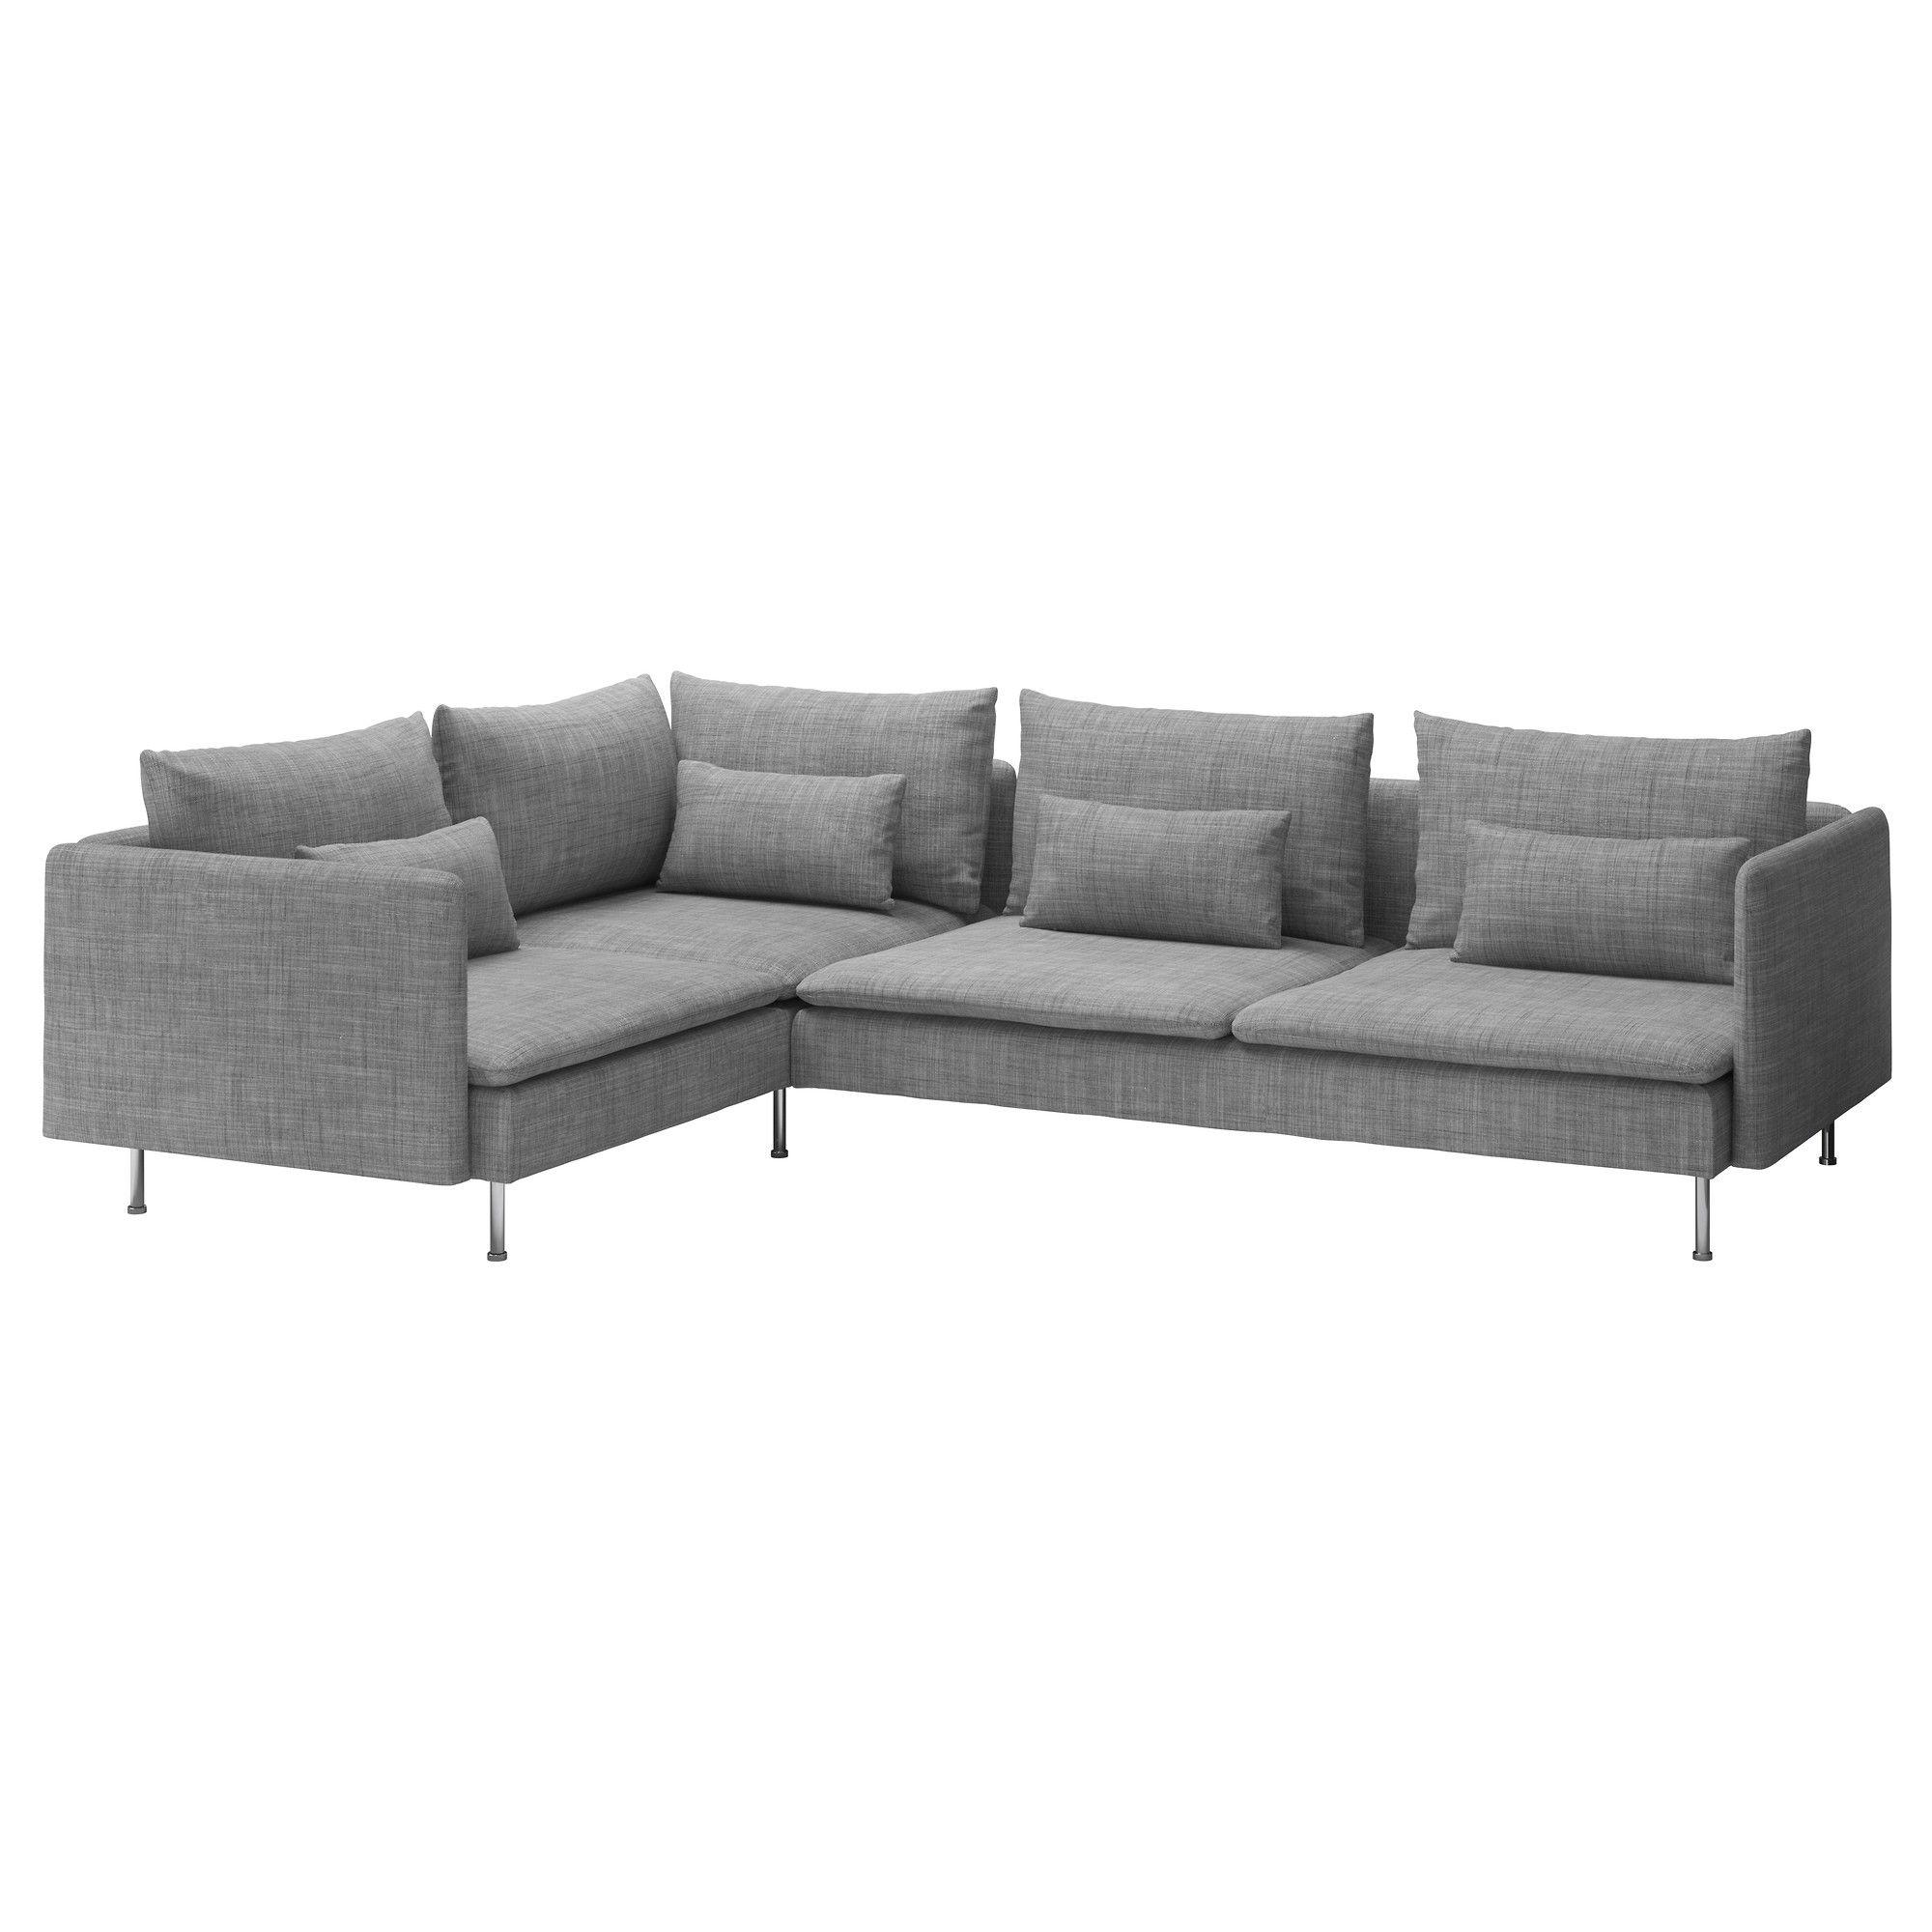 Møbler og interiør til hele hjemmet Corner sofa, Ikea